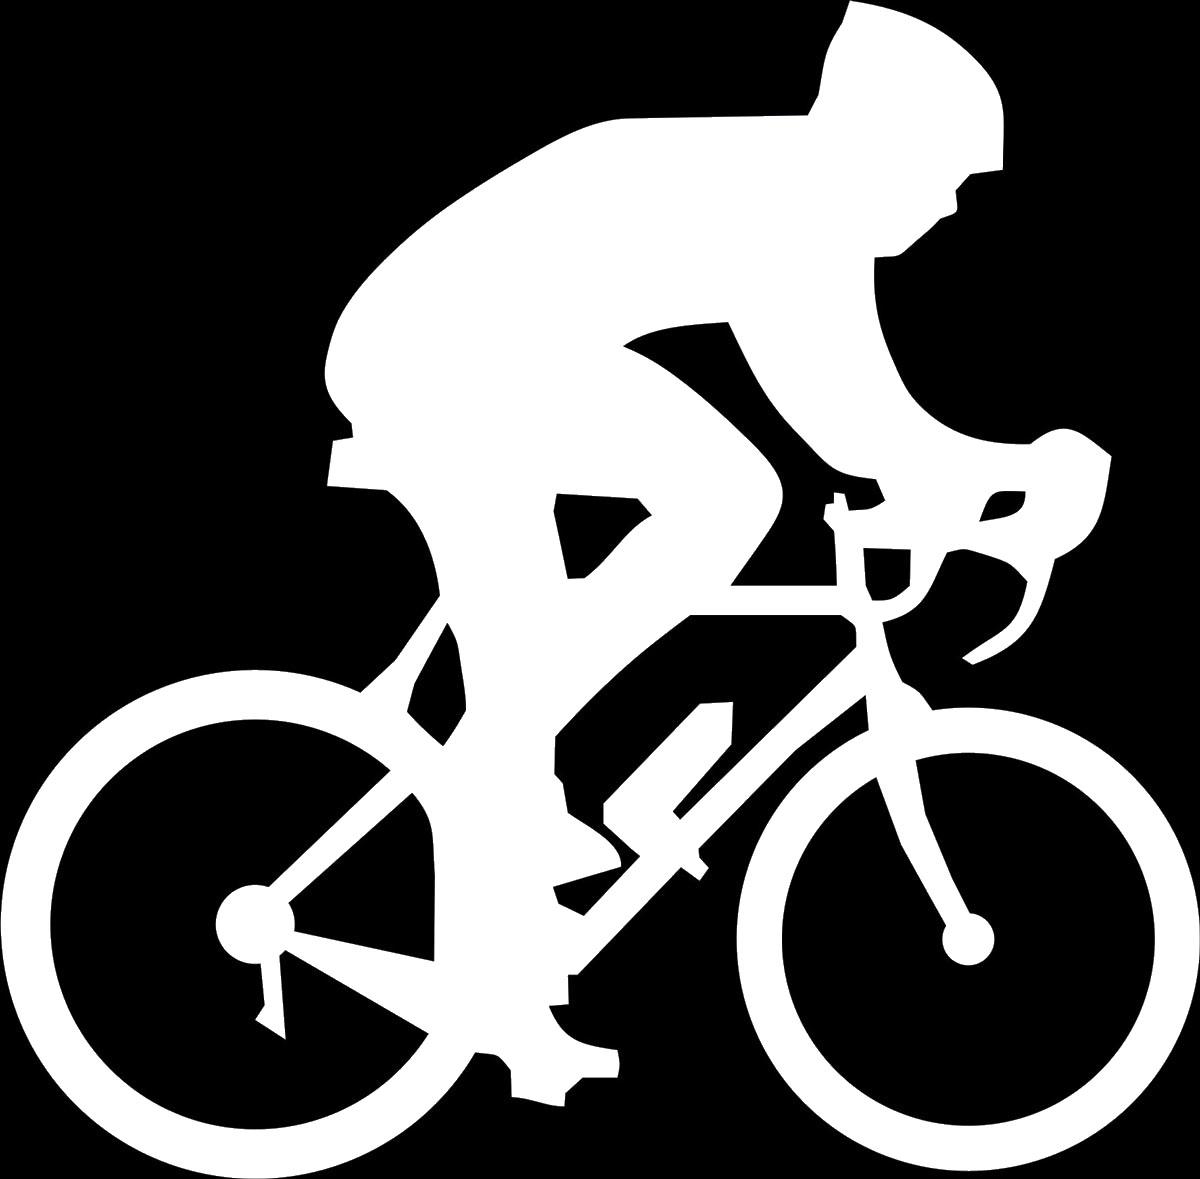 Наклейка автомобильная Оранжевый слоник Велосипедист 1, виниловая, цвет: белый150SP0003WОригинальная наклейка Оранжевый слоник Велосипедист 1 изготовлена из высококачественного винила, который выполняет не только декоративную функцию, но и защищает кузов от небольших механических повреждений, либо скрывает уже существующие. Виниловые наклейки на авто - это не только красиво, но еще и быстро! Всего за несколько минут вы можете полностью преобразить свой автомобиль, сделать его ярким, необычным, особенным и неповторимым!